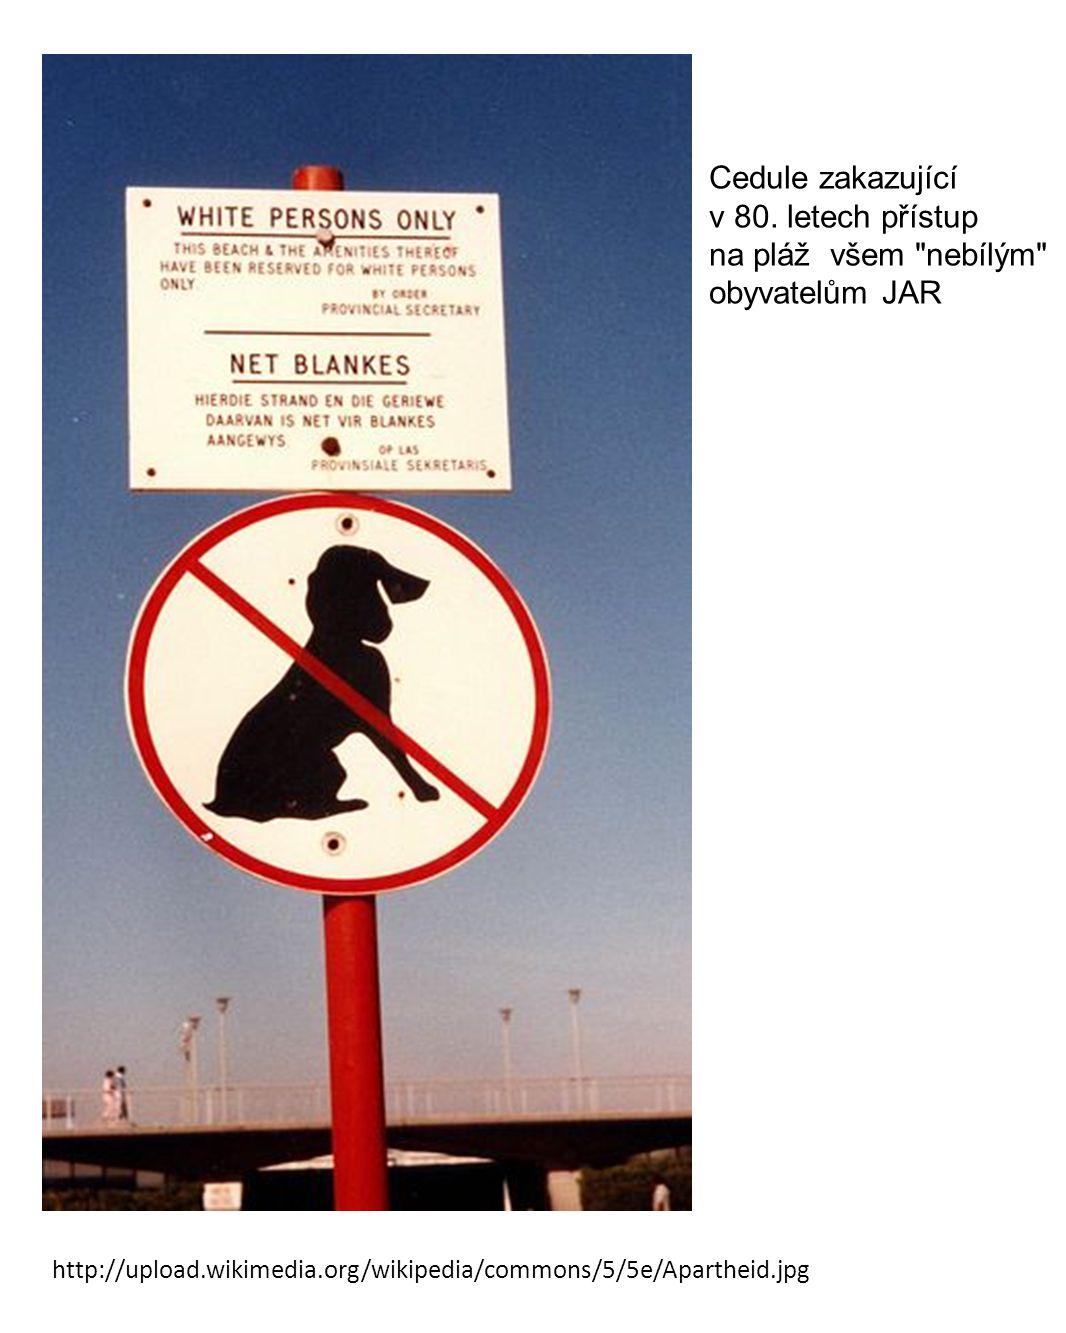 Cedule zakazující v 80. letech přístup na pláž všem